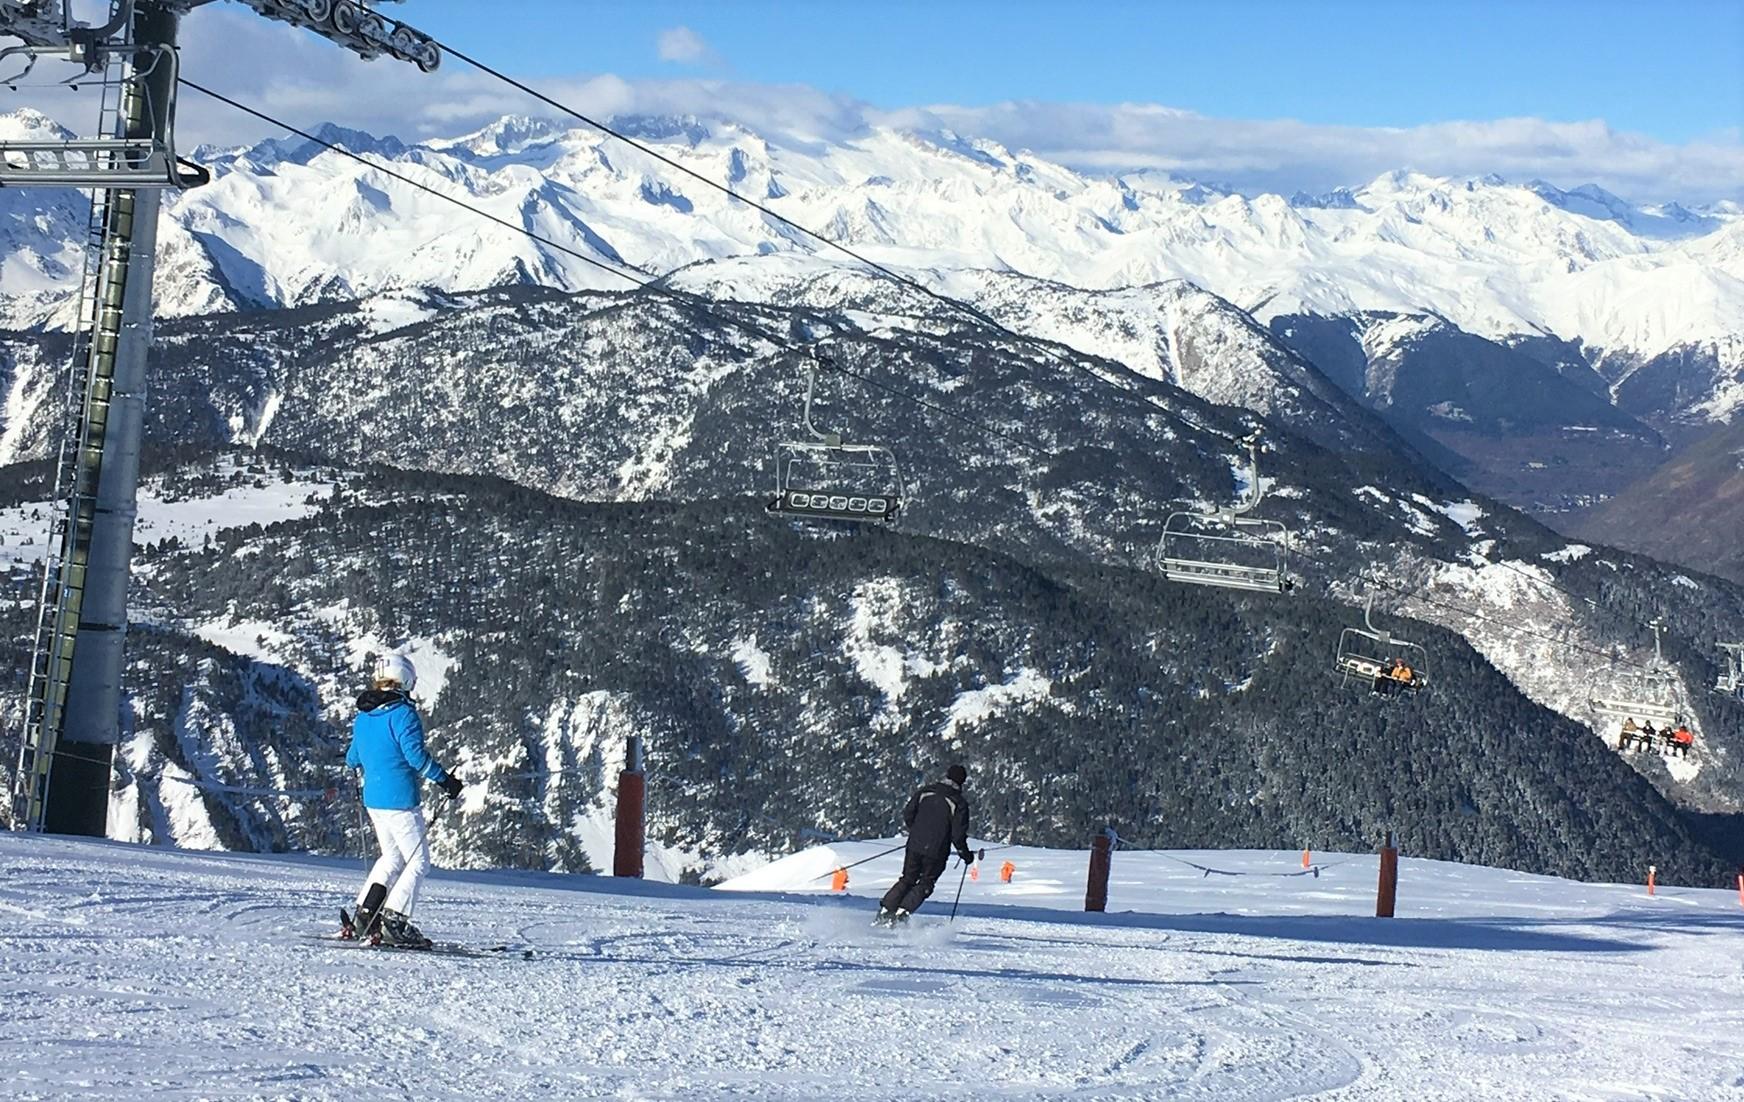 圧雪の利いた中級斜面のオープンスロープを滑り放題